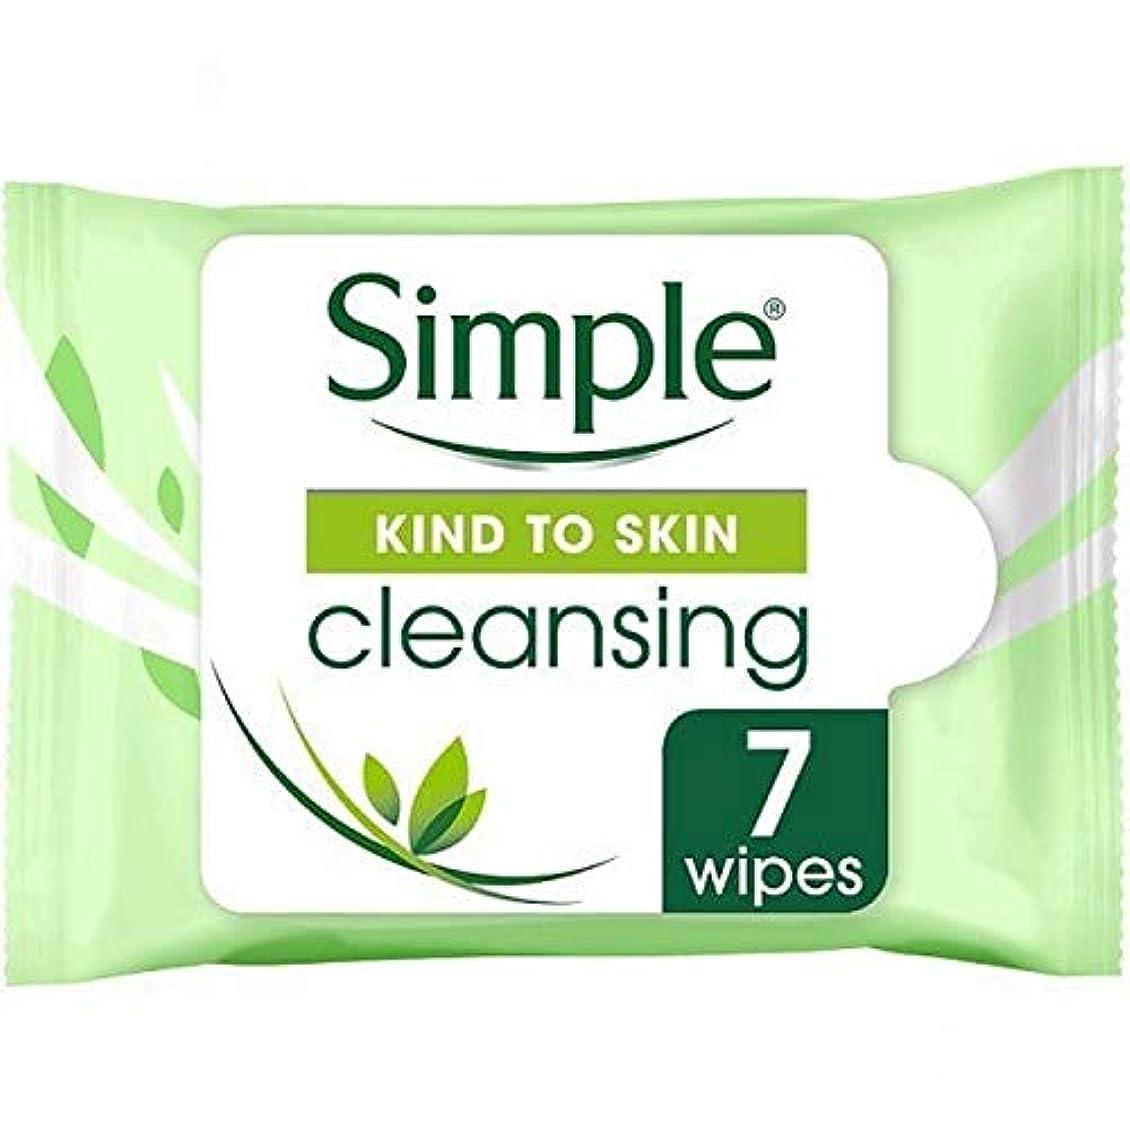 登場予防接種する思われる[Simple ] 顔のワイプの7Sクレンジング肌への単純な種類 - Simple Kind To Skin Cleansing Facial Wipes 7s [並行輸入品]